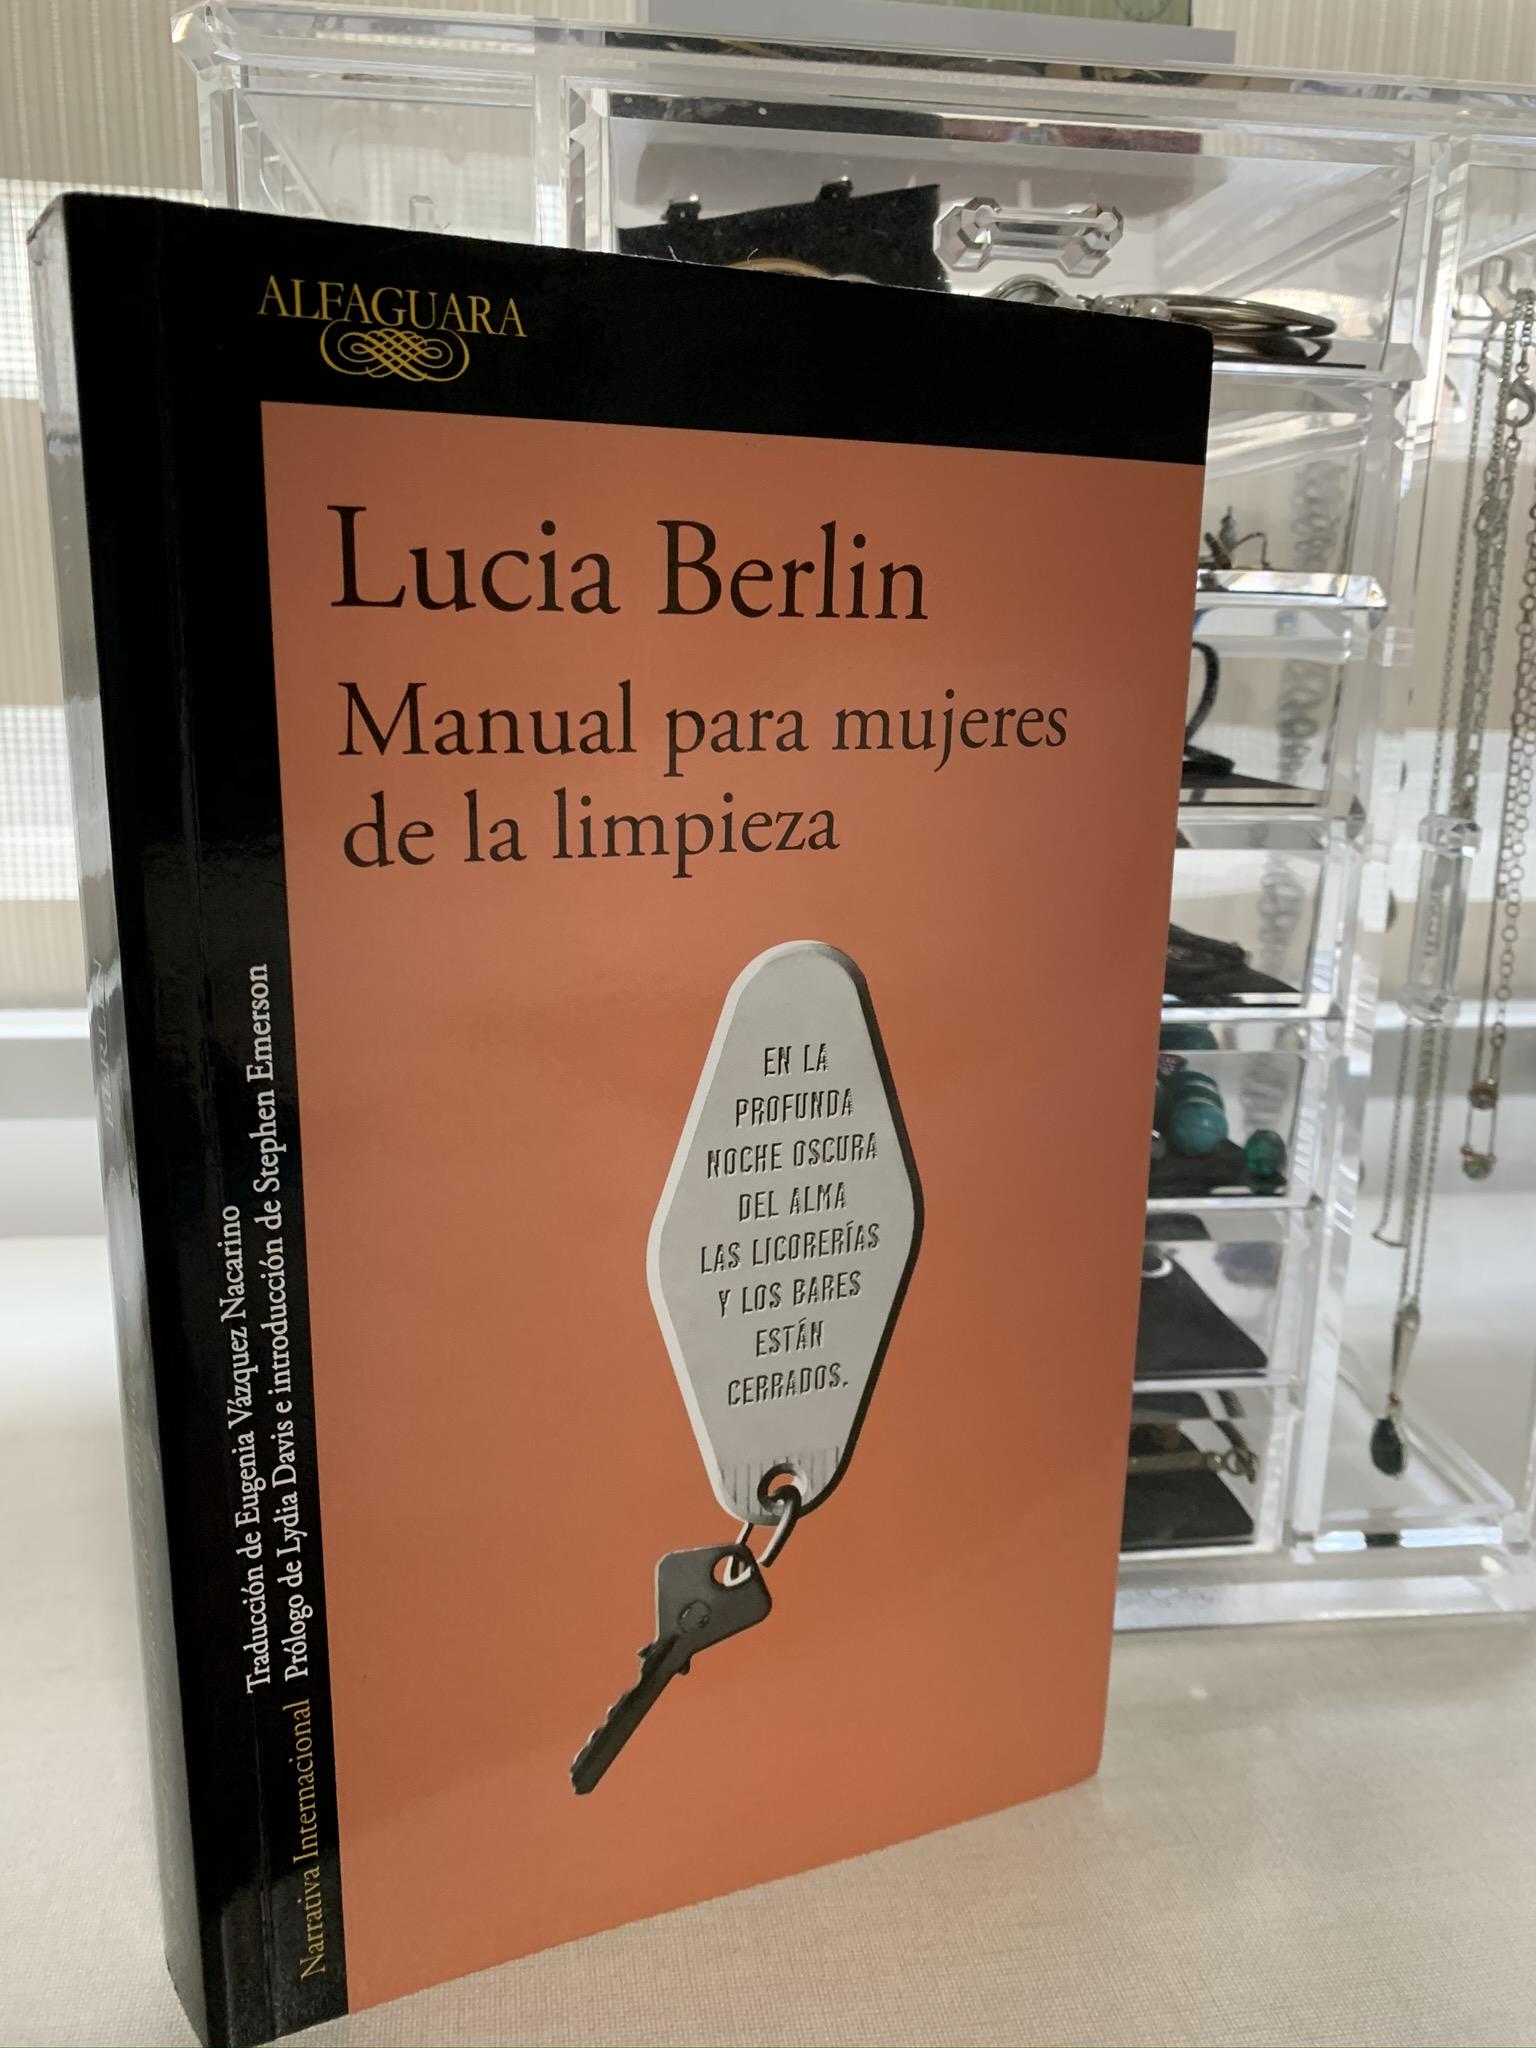 Libro Manual para mujeres de la limpieza de Lucia Berlin